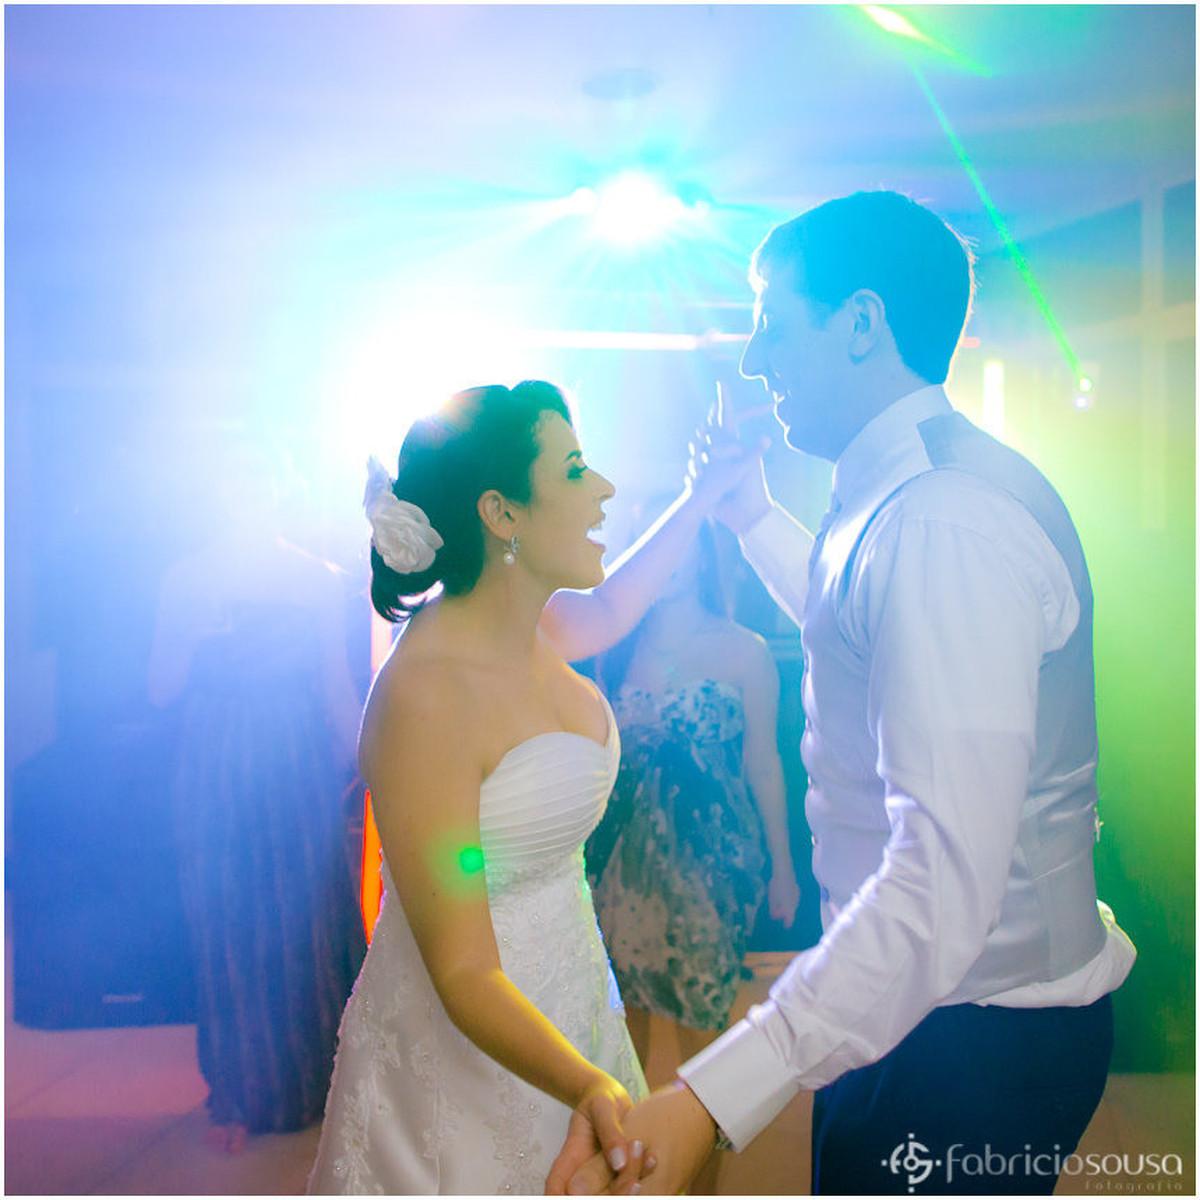 Gabriela e Derick dançam de mãos dadas na pista de dança da festa